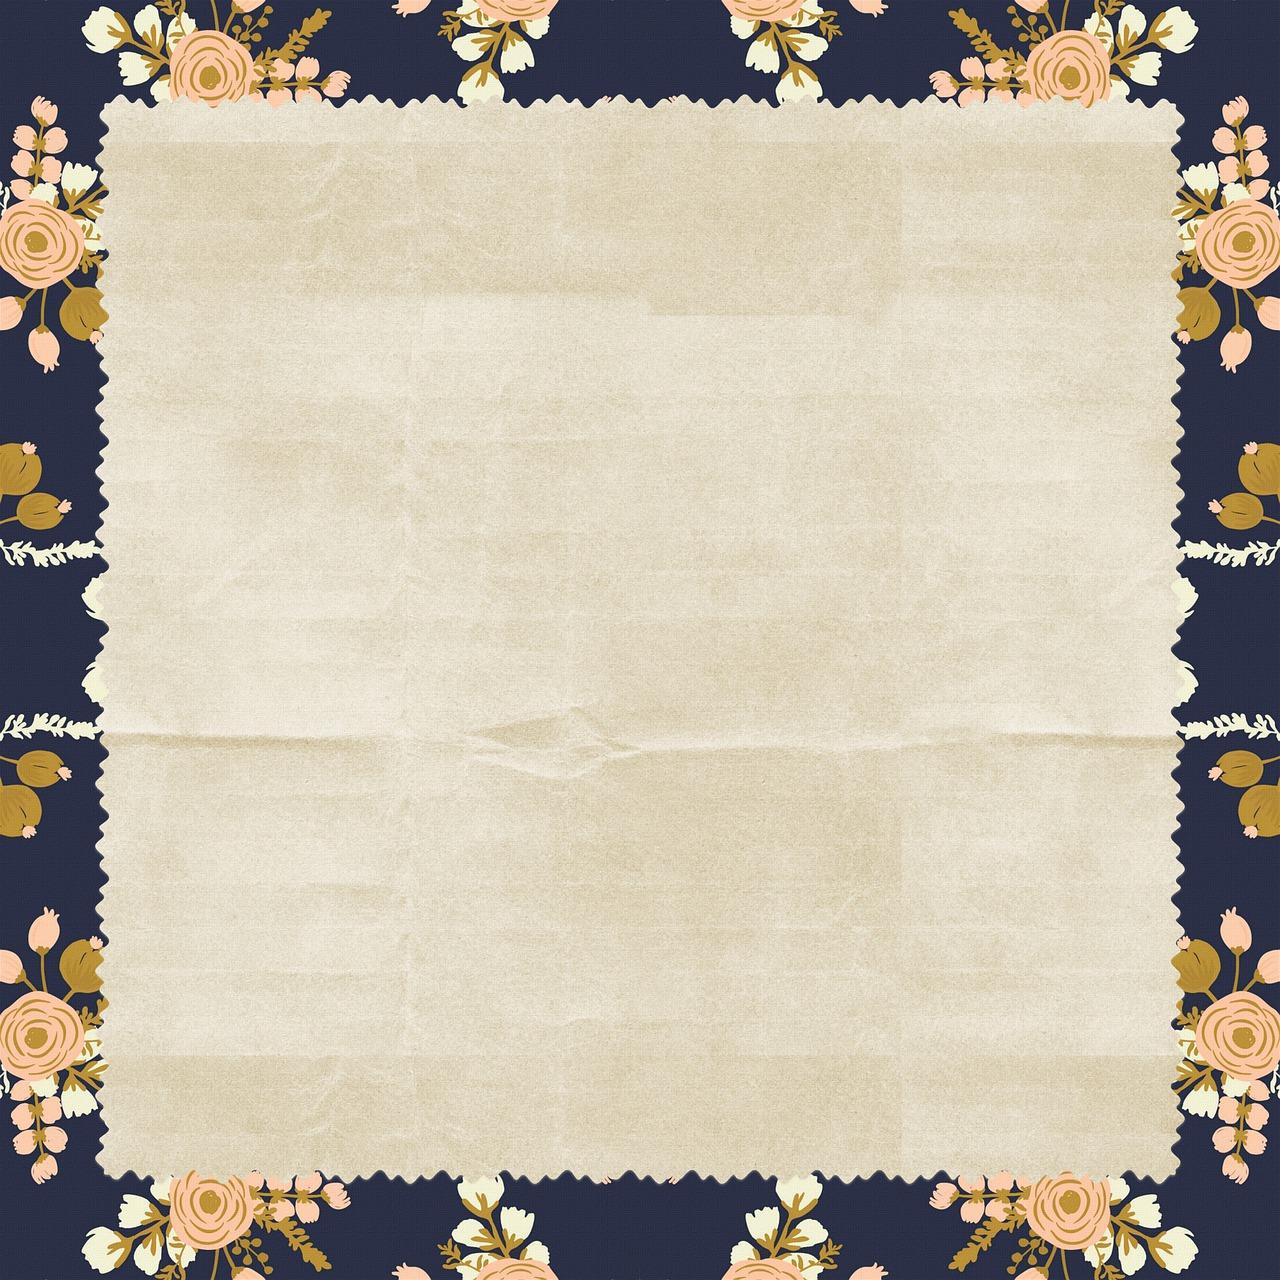 Floral Background Vintage Paper Free Image On Pixabay